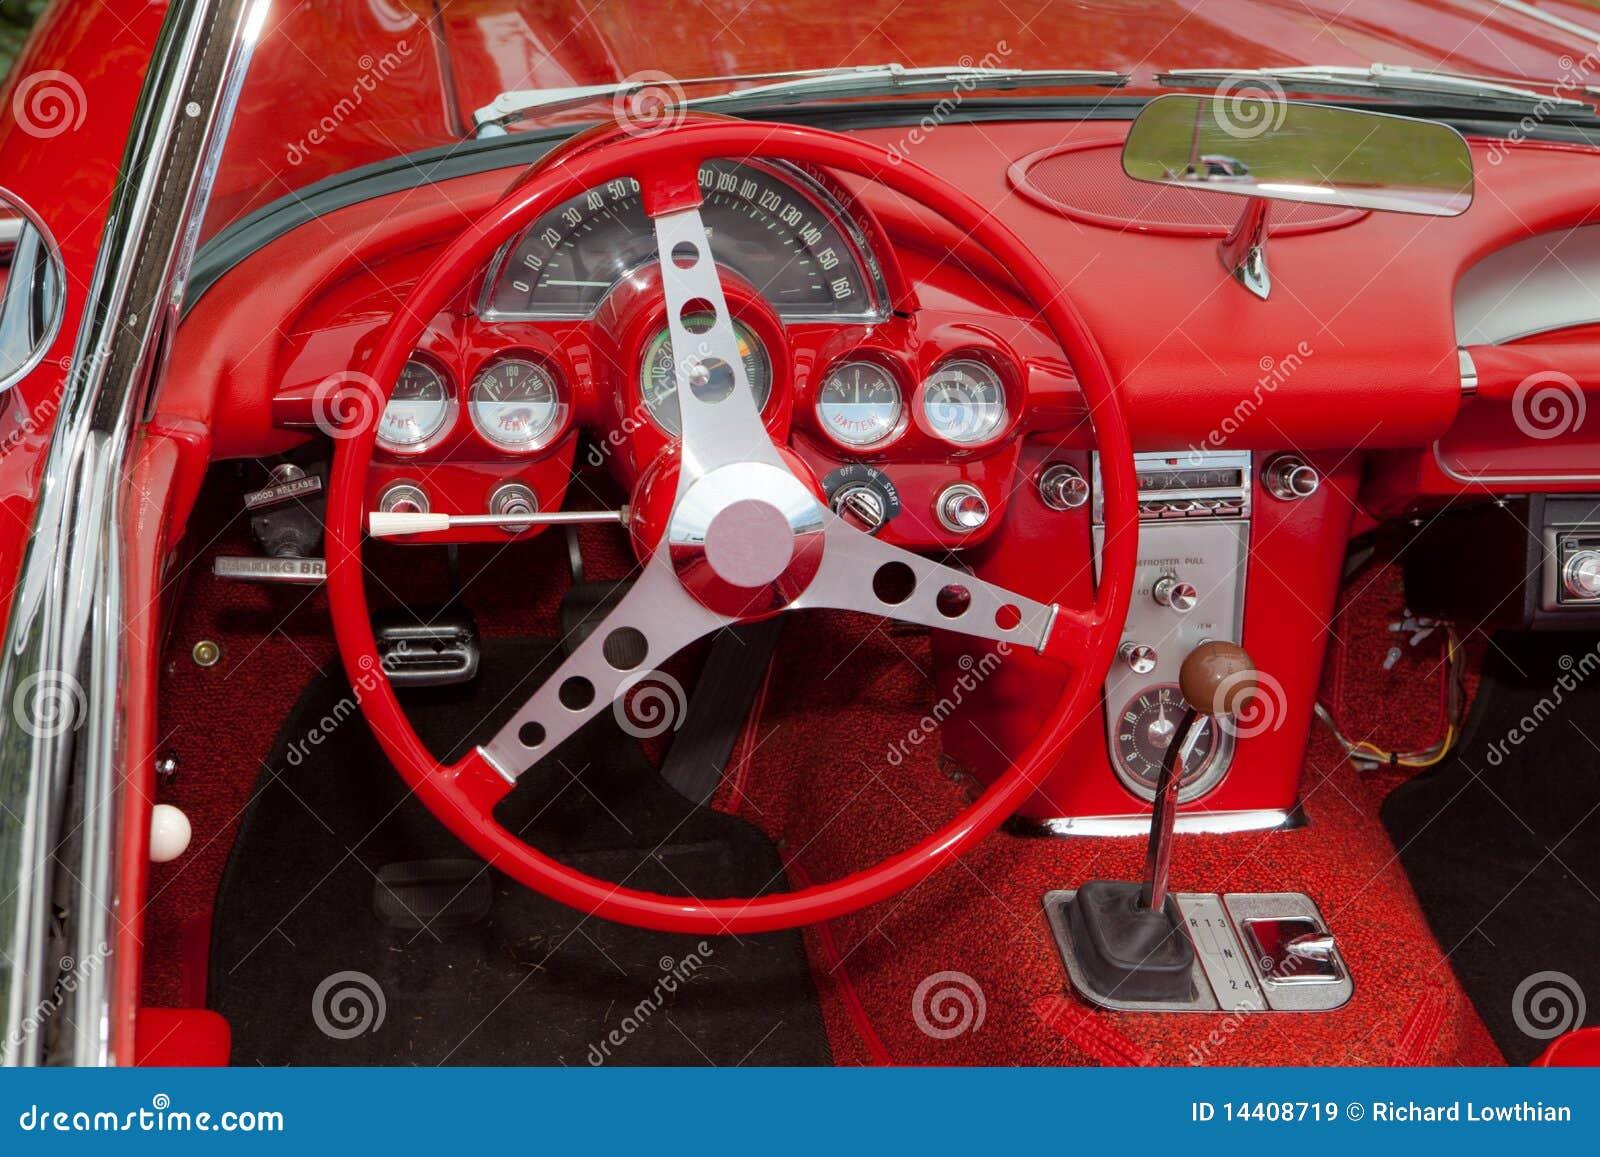 Corvette Dashboard Stock Image Image Of Dash 1962